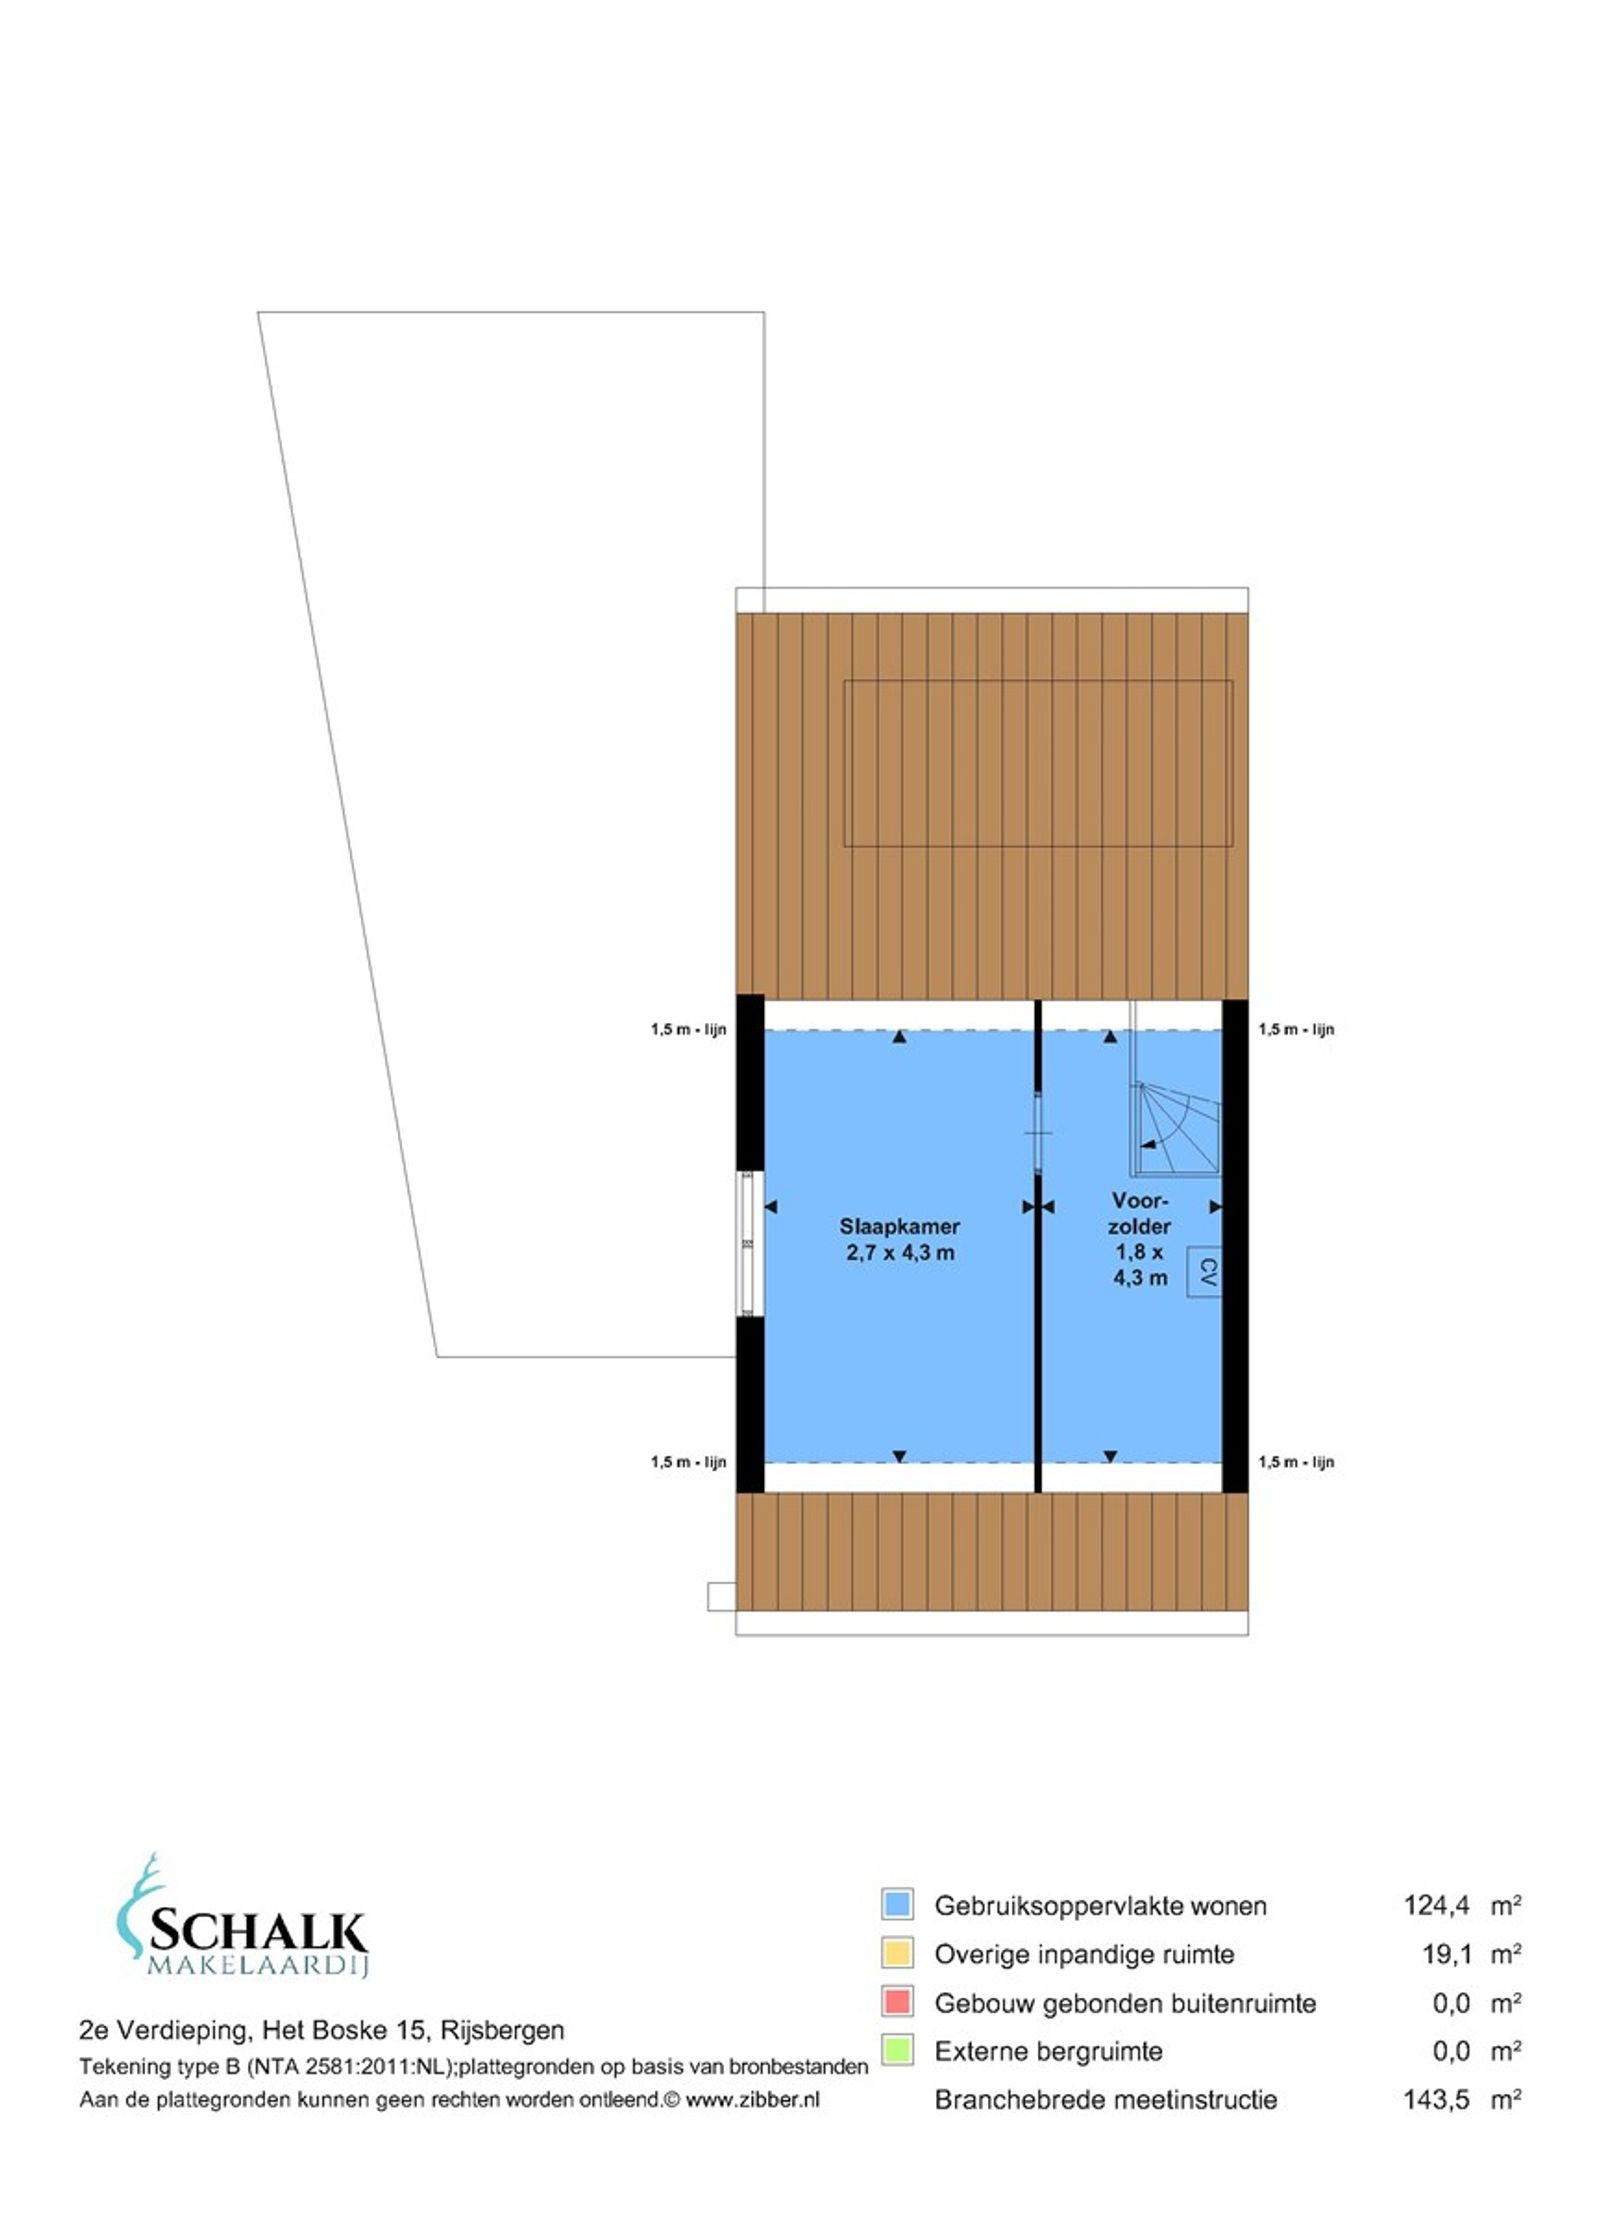 Deze hoekwoning met inpandige garage, oprit en tuin op het zuiden is gelegen in een kindvriendelijke woonwijk op loopafstand van het openbaar vervoer (bushalte), alle dorpsvoorzieningen, de kinderboerderij, het sportcomplex en het zwembad.  De begane grond heeft een fijne doorzon living met mooie eiken houten vloer en een ruime woonkeuken in hoekopstelling. De eerste verdieping beschikt over een badkamer met ligbad voorzien van douchemogelijkheid en twee slaapkamers waarbij een slaapkamer de mogelijkheid biedt om hier een extra kamer te realiseren. Op de tweede verdieping bevindt zich de voorzolder met cv ketel en praktische opbergruimten alsook de derde slaapkamer.  De onderhoudsvriendelijke achtertuin heeft een achterom, een tuinhuis/(fietsen) berging en is gelegen op het zuiden waardoor je heerlijk van het zonnetje kunt genieten! Door de speelweide aan de voorzijde hebben kinderen volop speelruimte. Tevens bevinden zich op zeer korte loopafstand nog meer speelweides.  BEGANE GROND Entree/hal met toegang tot de toiletruimte en living.  Afwerking- eiken houten vloer, Spachtelputz wanden en een stucwerk plafond.   Toiletruimte met fonteintje.  Afwerking- tegelvloer, betegelde wanden en een kunststof delen plafond.   Fijne doorzon living met mooie eiken houten vloer. Via een afgesloten trapopgang bereik je de  eerste verdieping. De grote raampartij aan de achterzijde zorgt voor veel lichtinval.  Afwerking- eiken houten vloer, Spachtelputz wanden en een stucwerk plafond met sierlijst.   Ruime woonkeuken in hoekopstelling uitgerust met een kunststof aanrechtblad, dubbele spoelbak,  koelkast, vaatwasser, combimagnetron, 4 pits gaskookplaat, close-in boiler en afzuigkap.  Vanuit deze ruimte zijn de achtertuin en garage bereikbaar.   Afwerking- tegelvloer, Spachtelputz wanden en een kunststof delen plafond.   EERSTE VERDIEPING Overloop met toegang tot twee slaapkamers (mogelijkheid om extra kamer te creeren) en de badkamer.  Via een vaste trapopgang is de tweede verdiepin